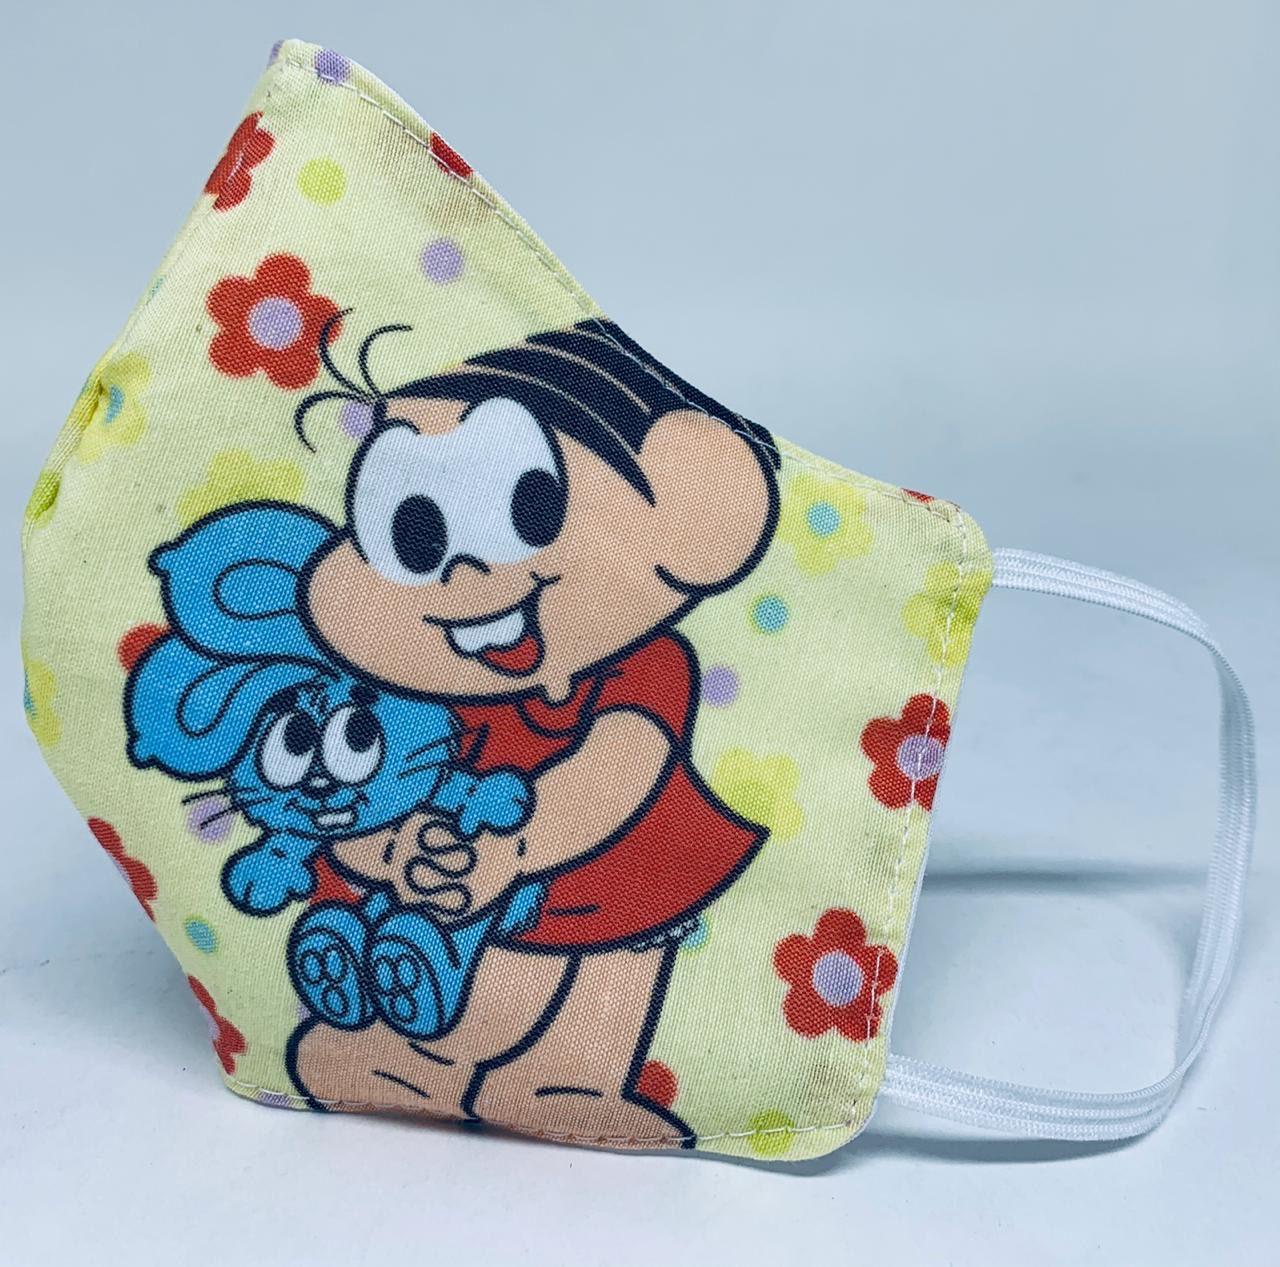 Máscara de proteção de tecido infantil kit com 05 unidades para crianças de 02 a 04 anos